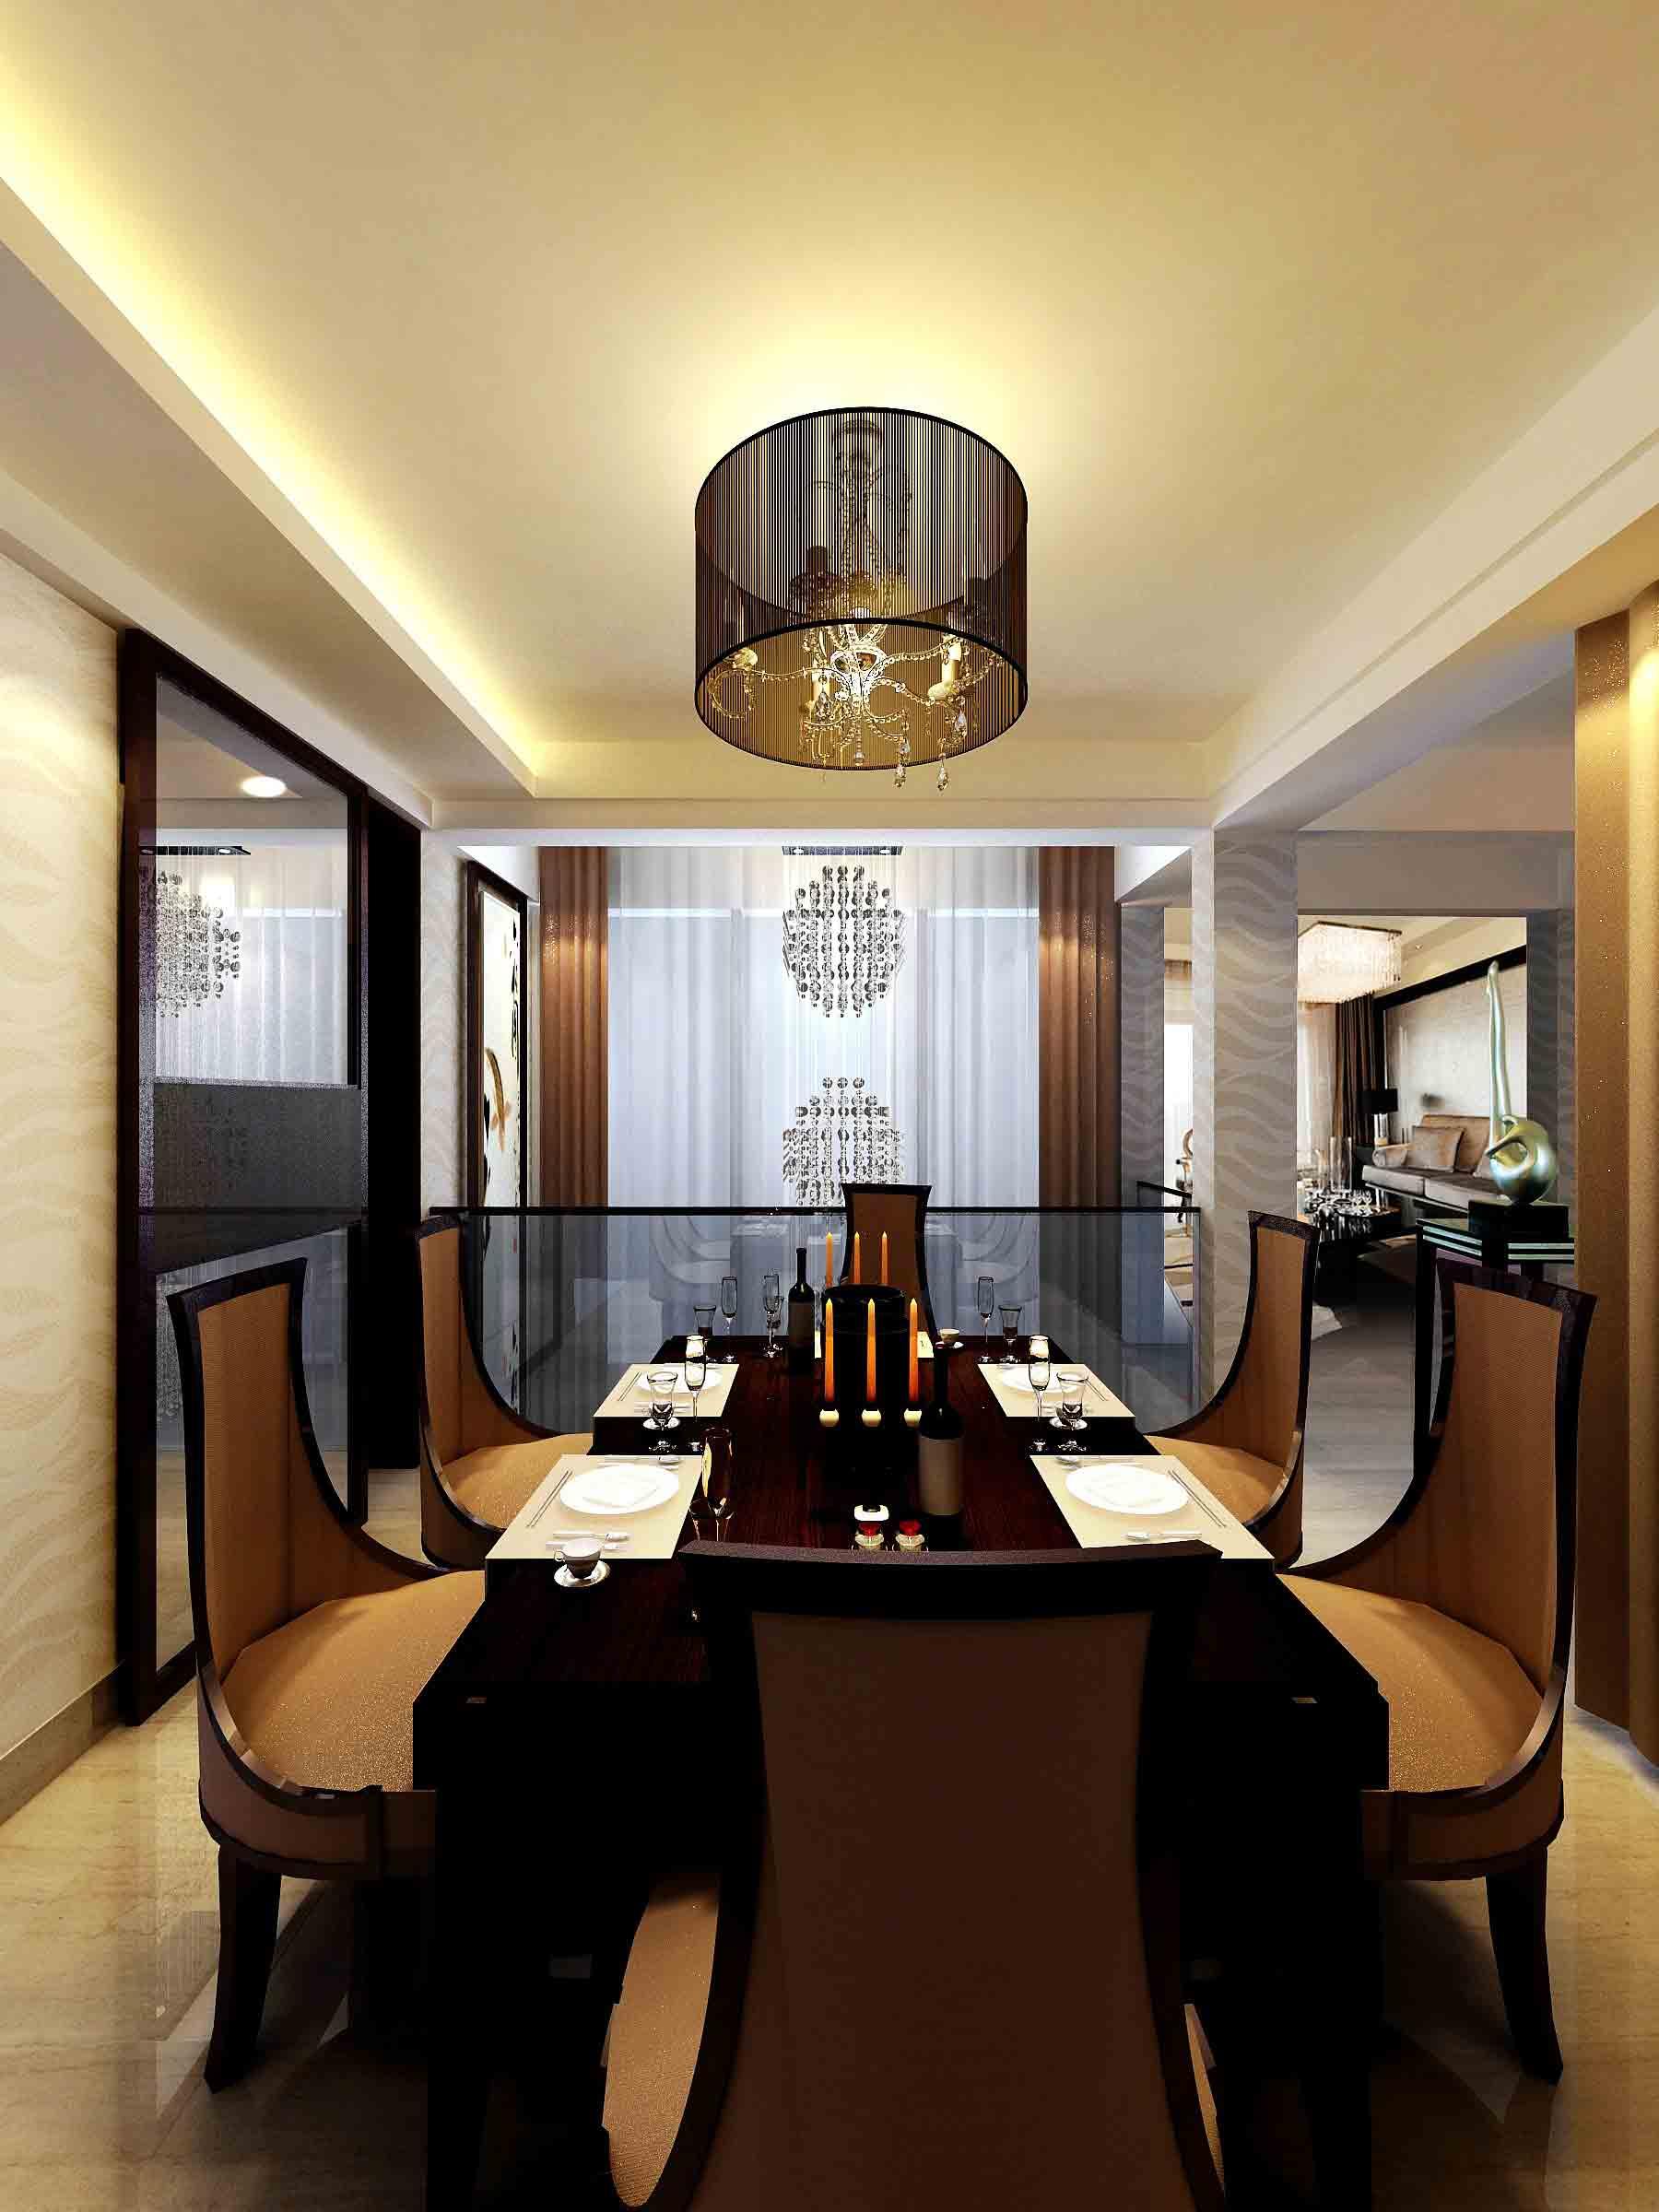 欧式现代化餐厅装修效果图